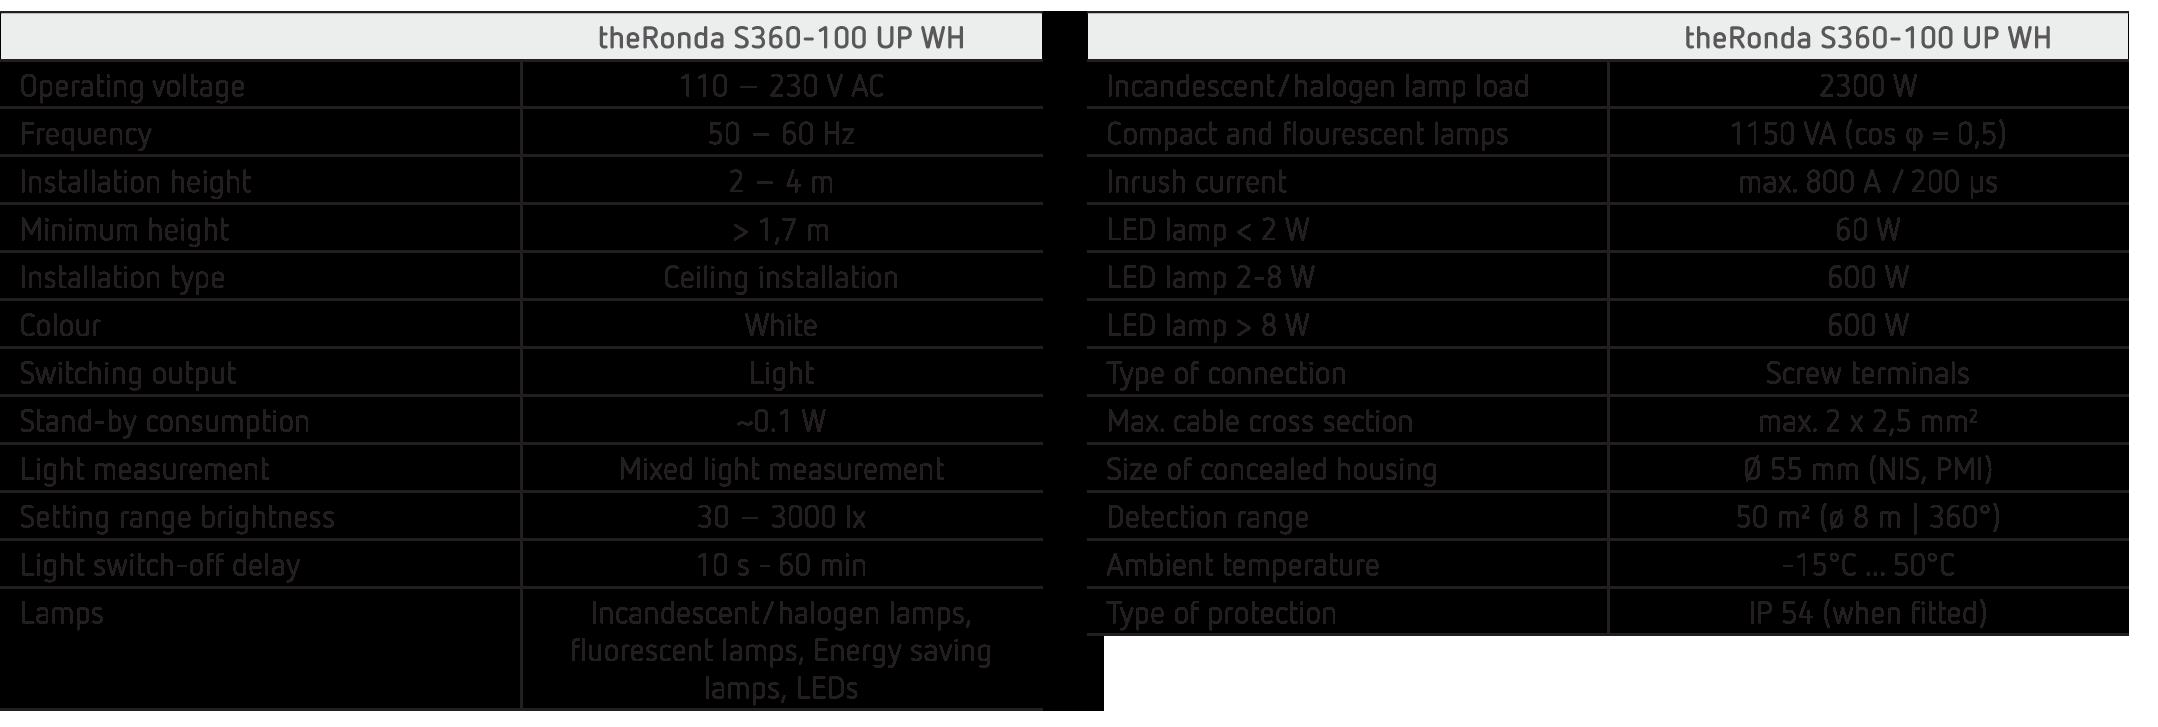 theRonda S360-100 UP WH